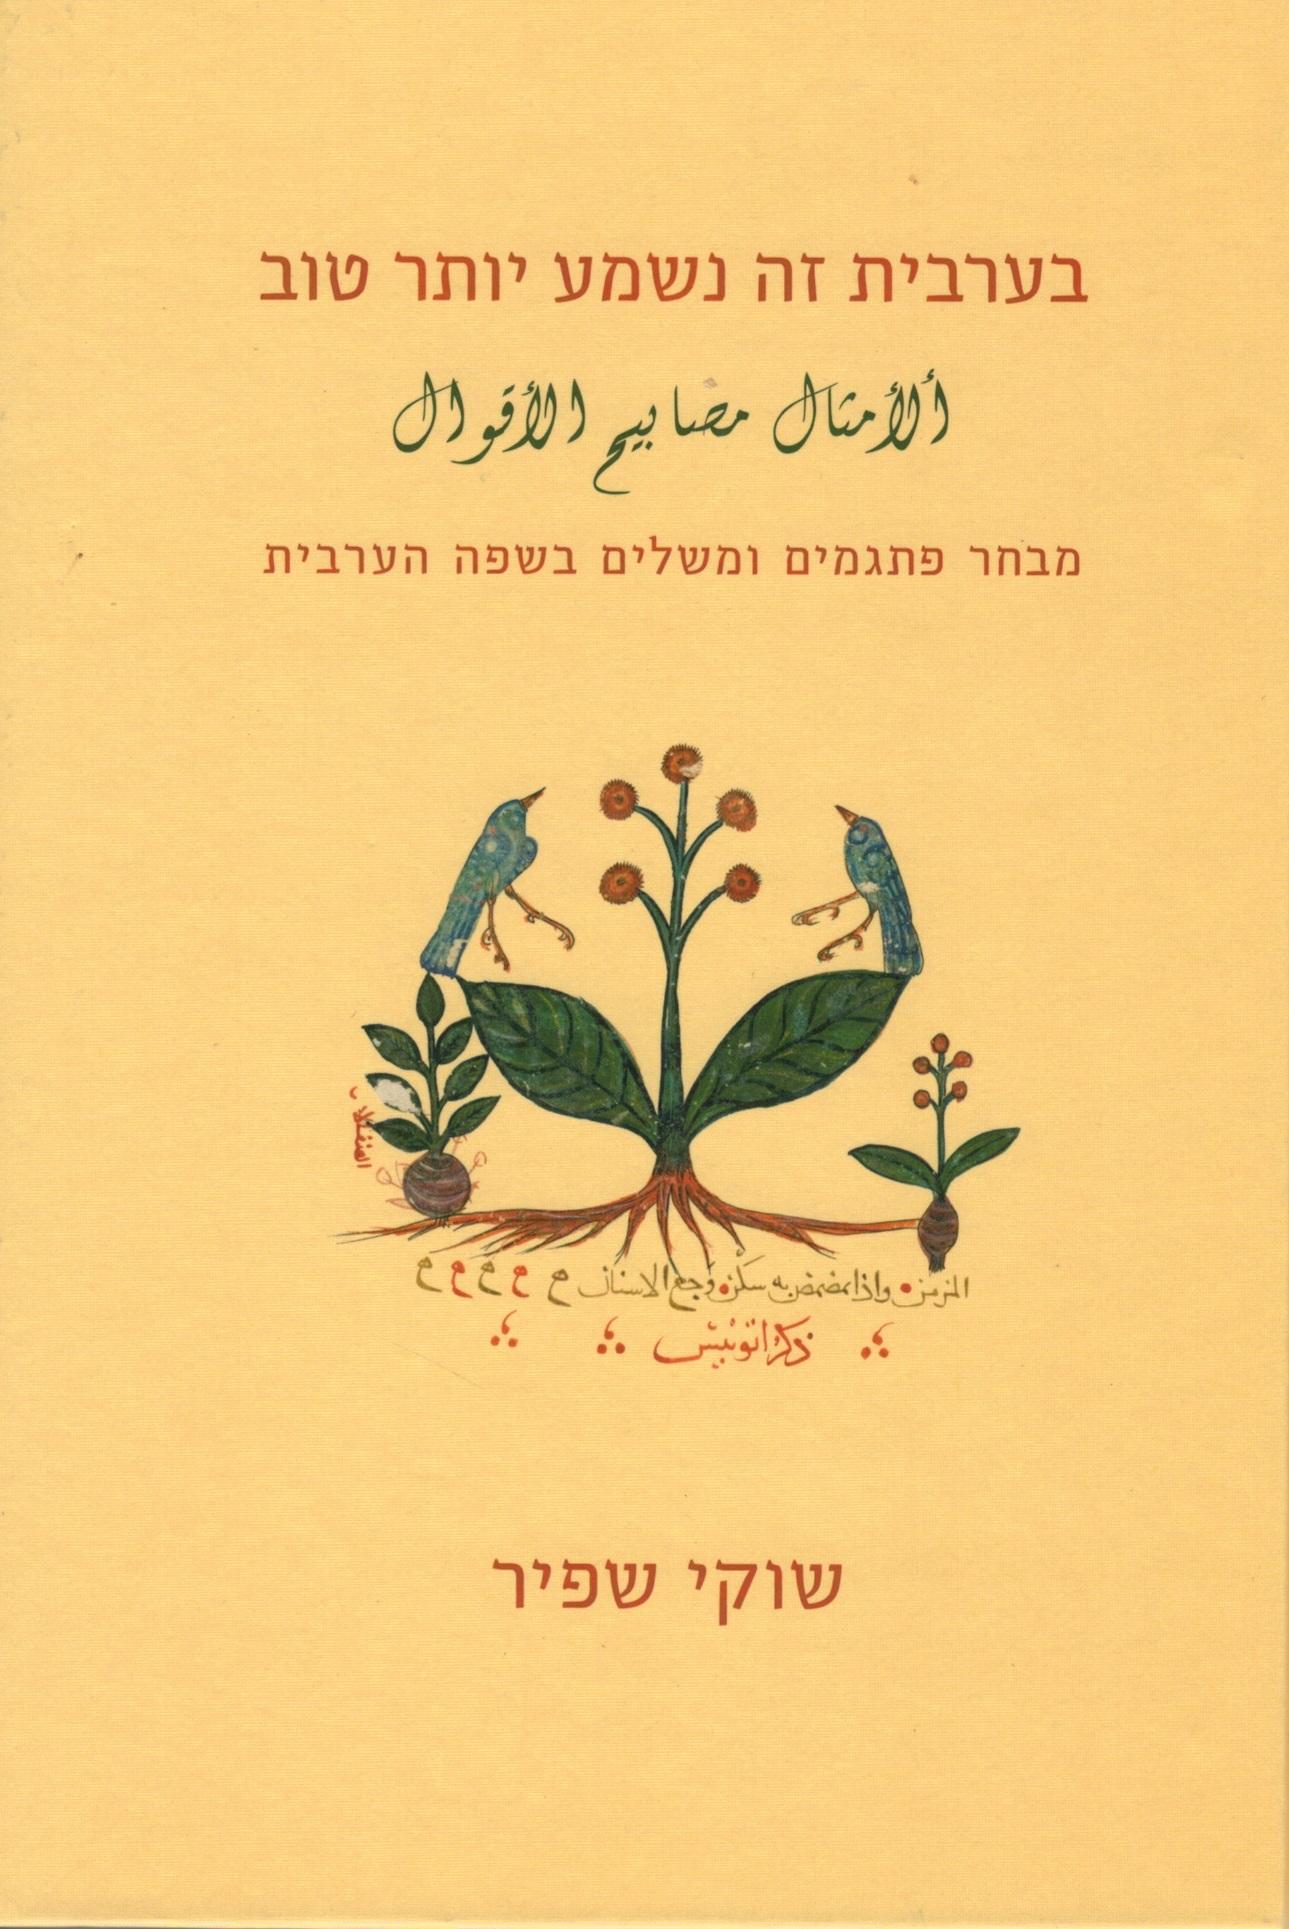 """מבחר פתגמים ומשלים בשפה הערבית - """"בערבית זה נשמע יותר טוב"""" מאת שוקי שפיר"""